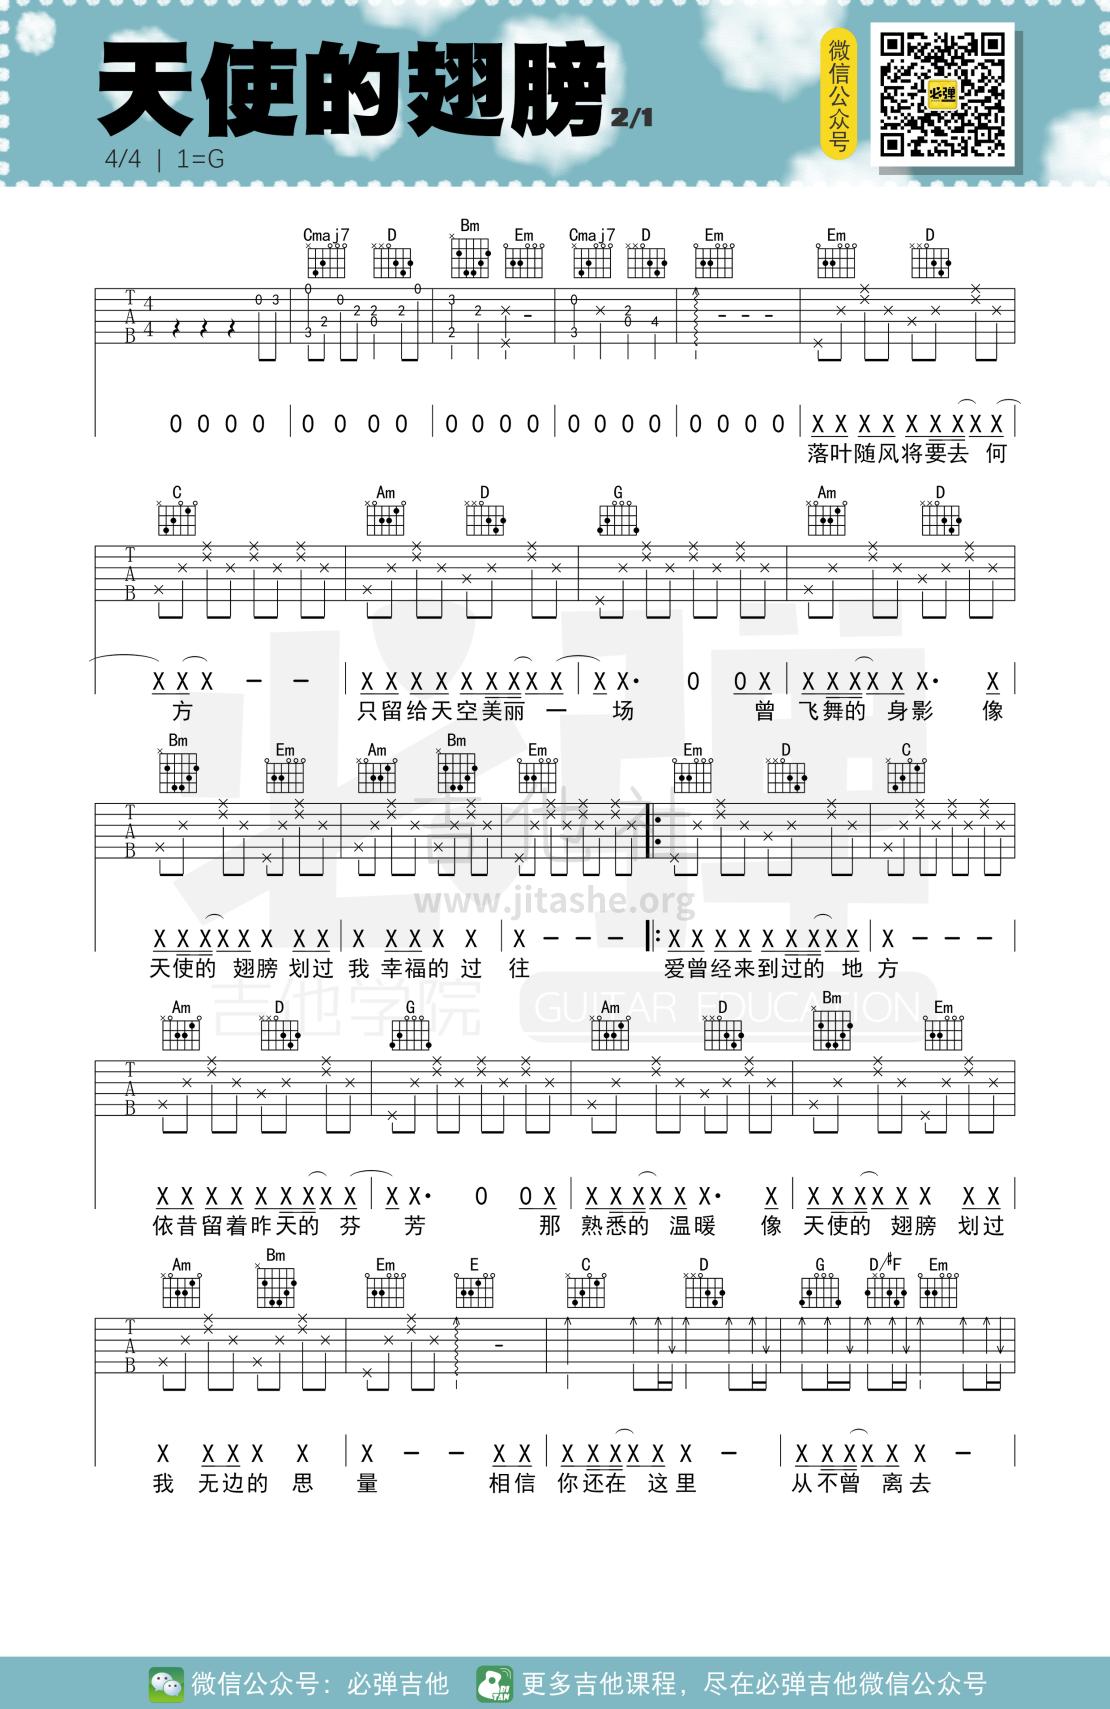 天使的翅膀(必弹吉他)吉他谱(图片谱,简单版,吉他弹唱,吉他谱)_刘大壮_kgq5bry20to5culwmunq (1).png